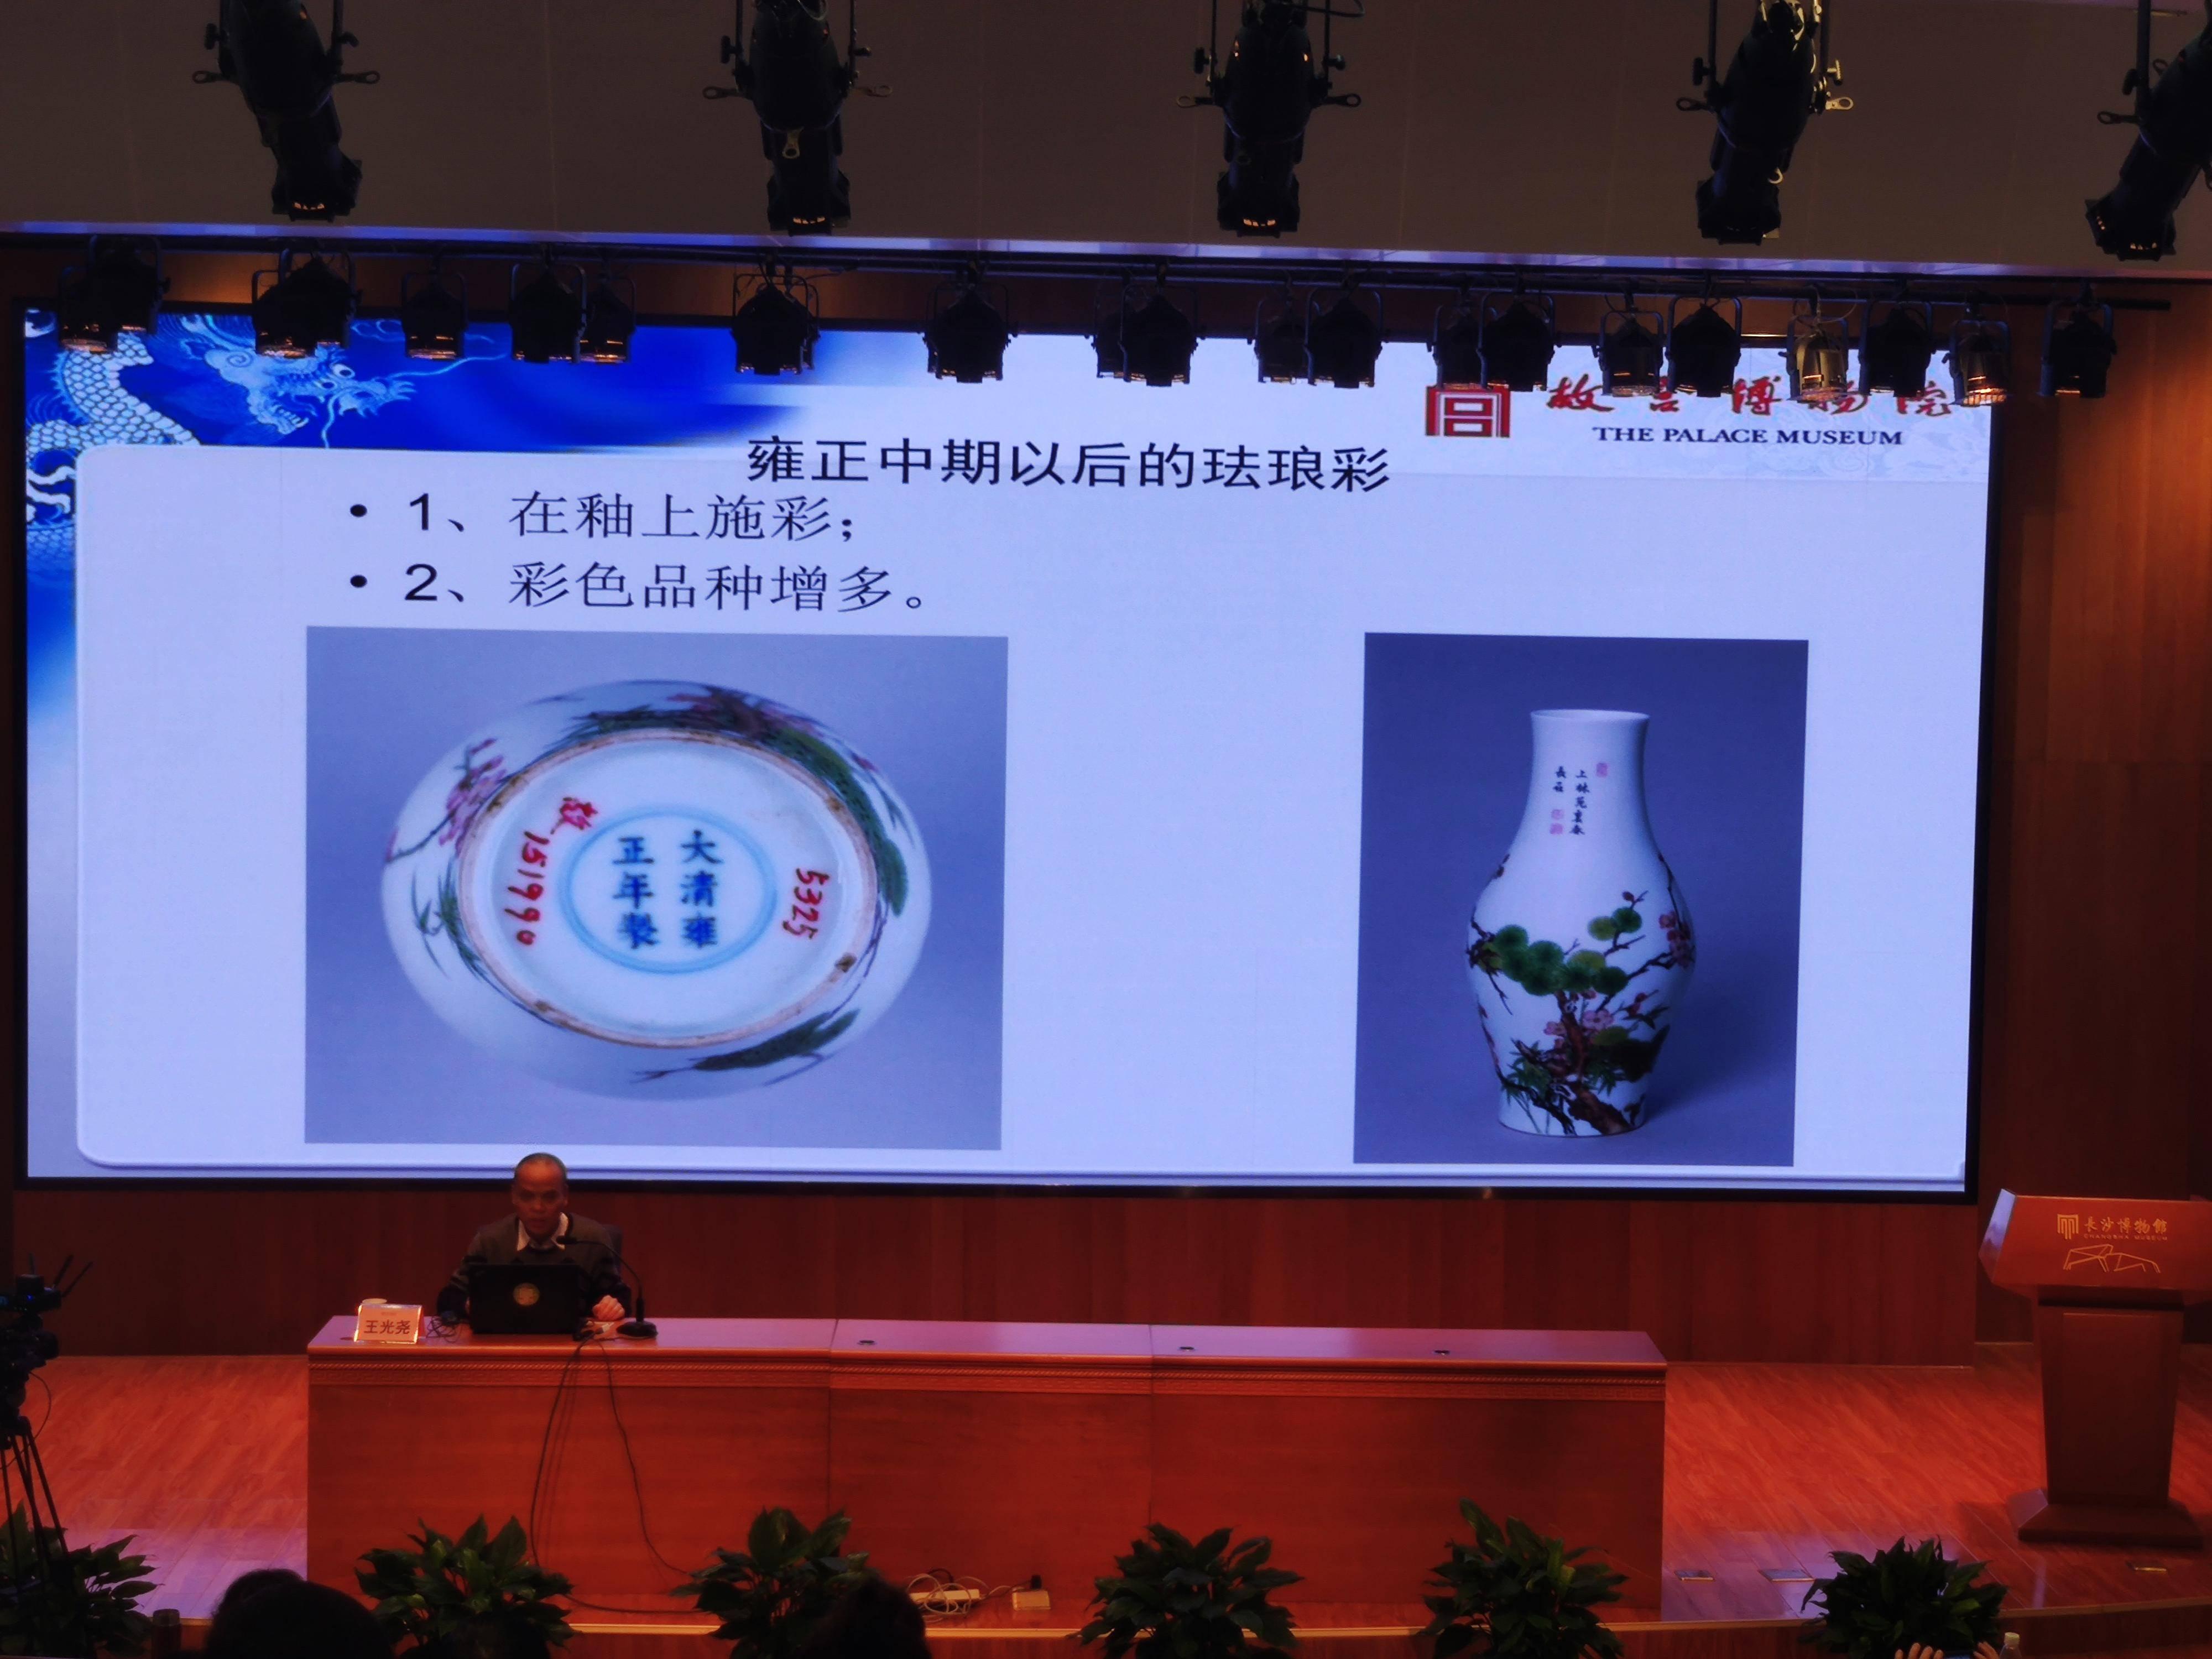 古代宫廷用瓷因何而美金塔娱乐app?王光尧做客长沙博物馆